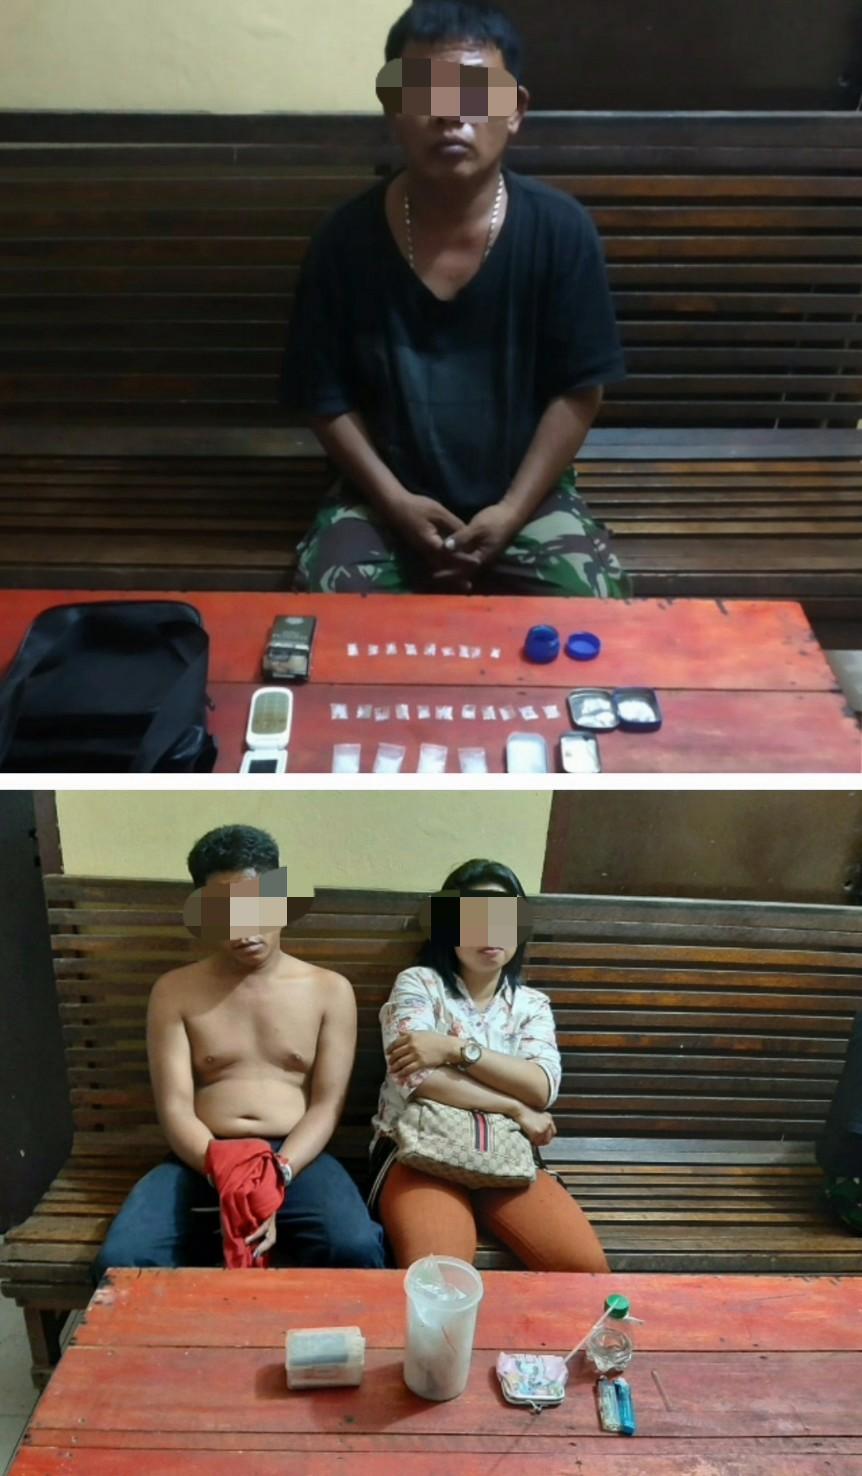 Sedang Transaksi Narkotika,  Polsek Bagan Sinembah Ciduk Dua Pria dan Satu Wanita